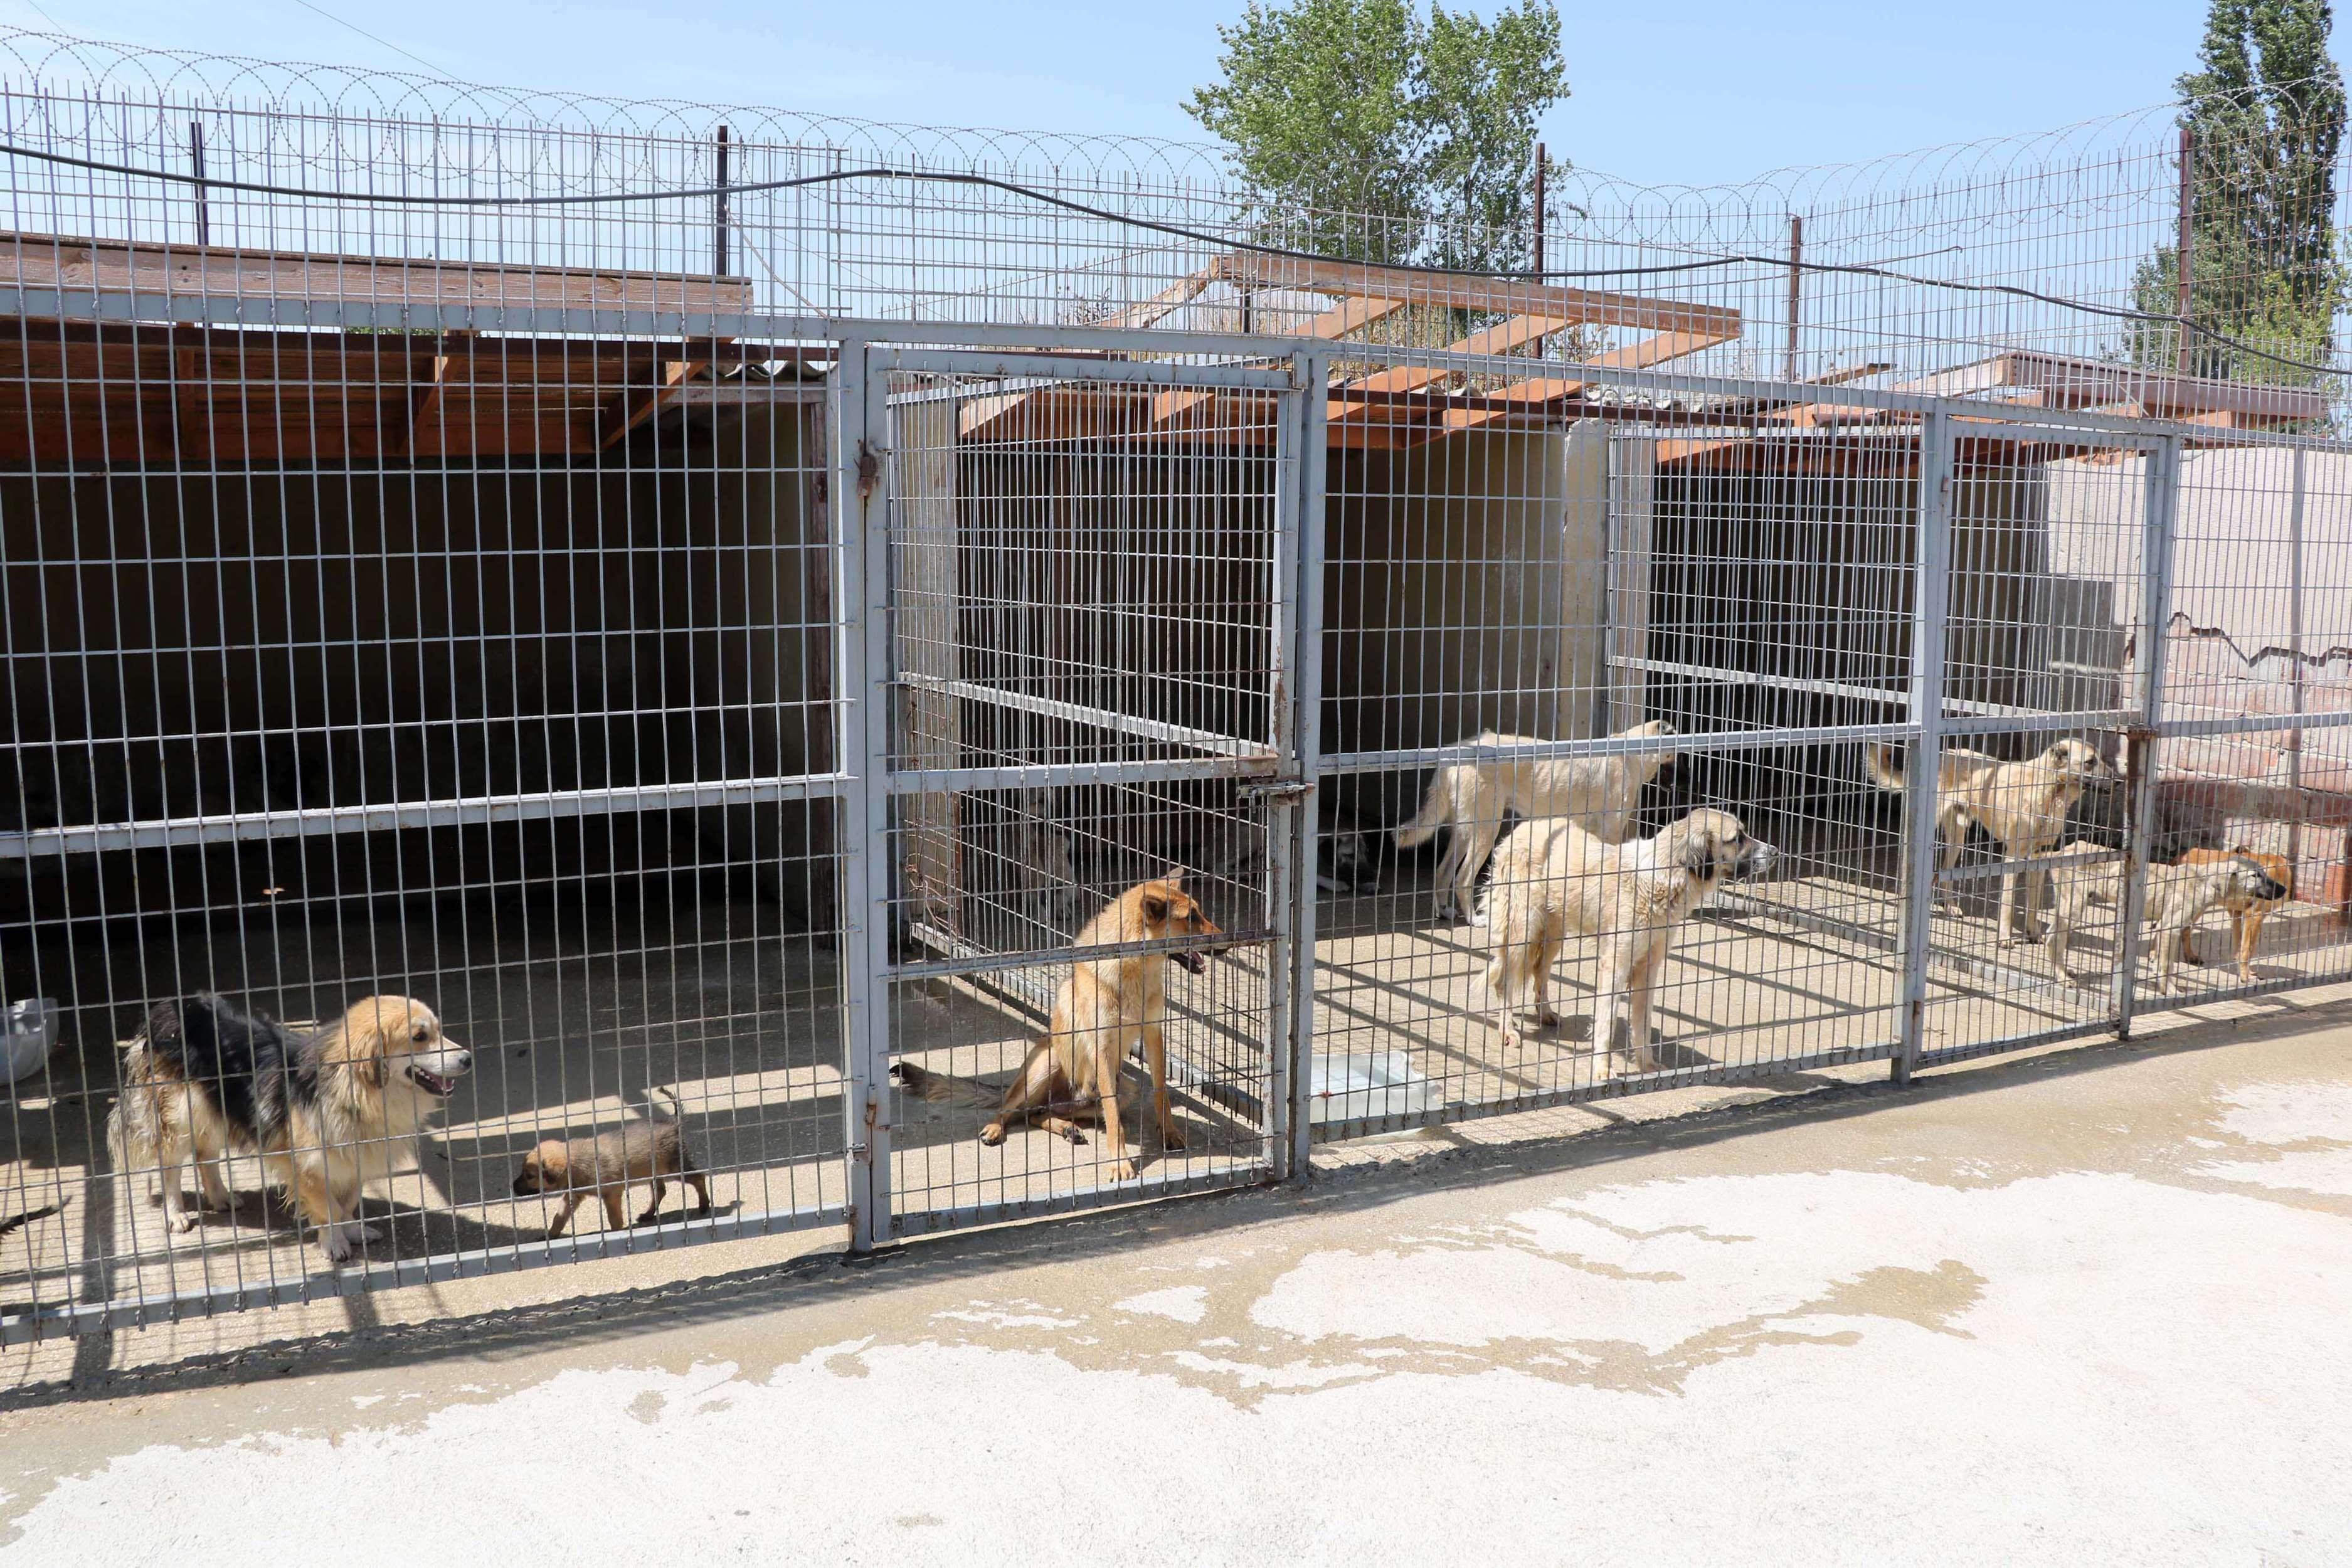 Edirne, Keşan Belediyesi Geçici Hayvan Barınağı'ndan bir kare